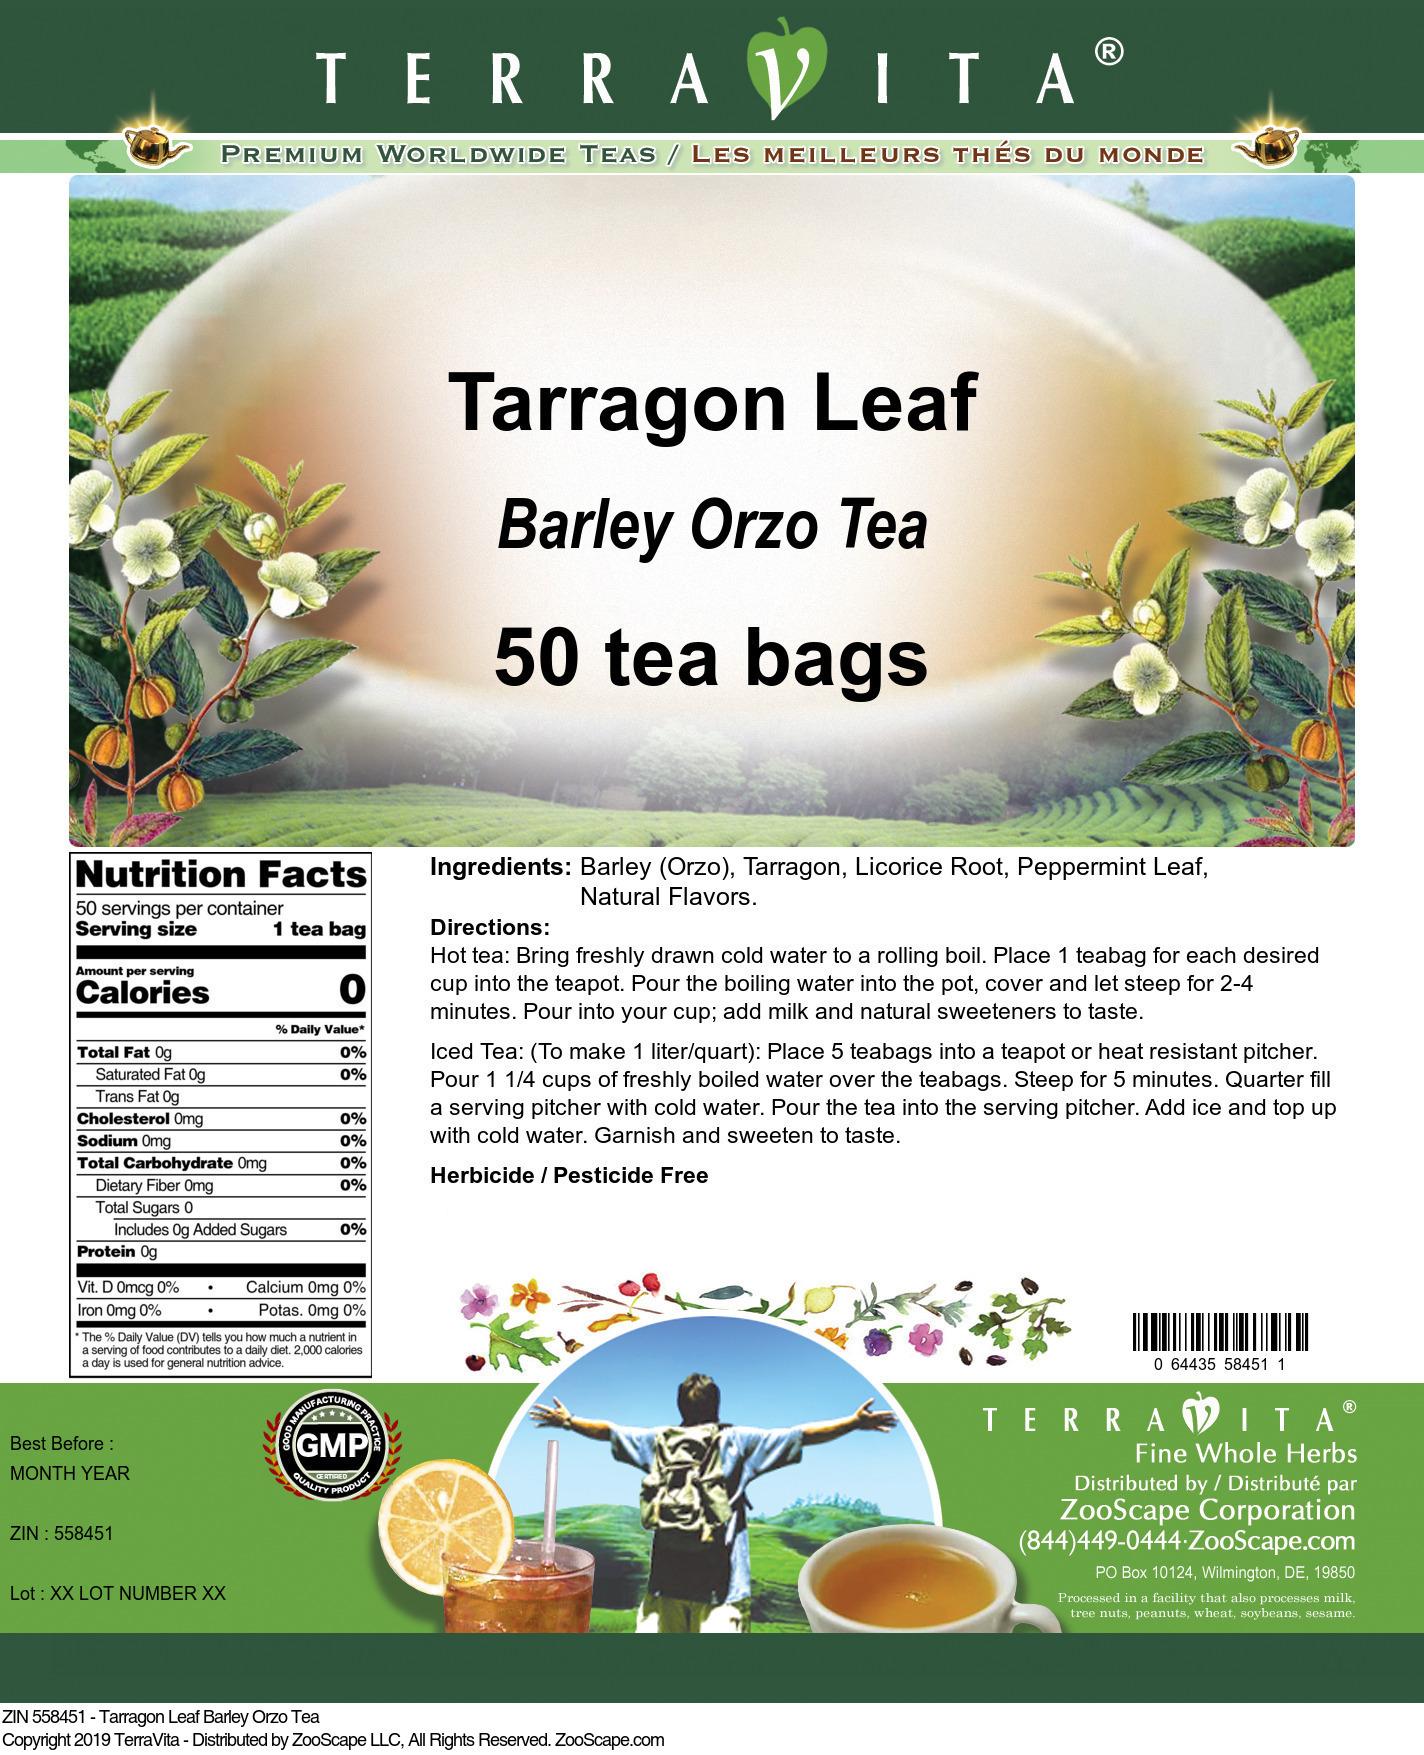 Tarragon Leaf Barley Orzo